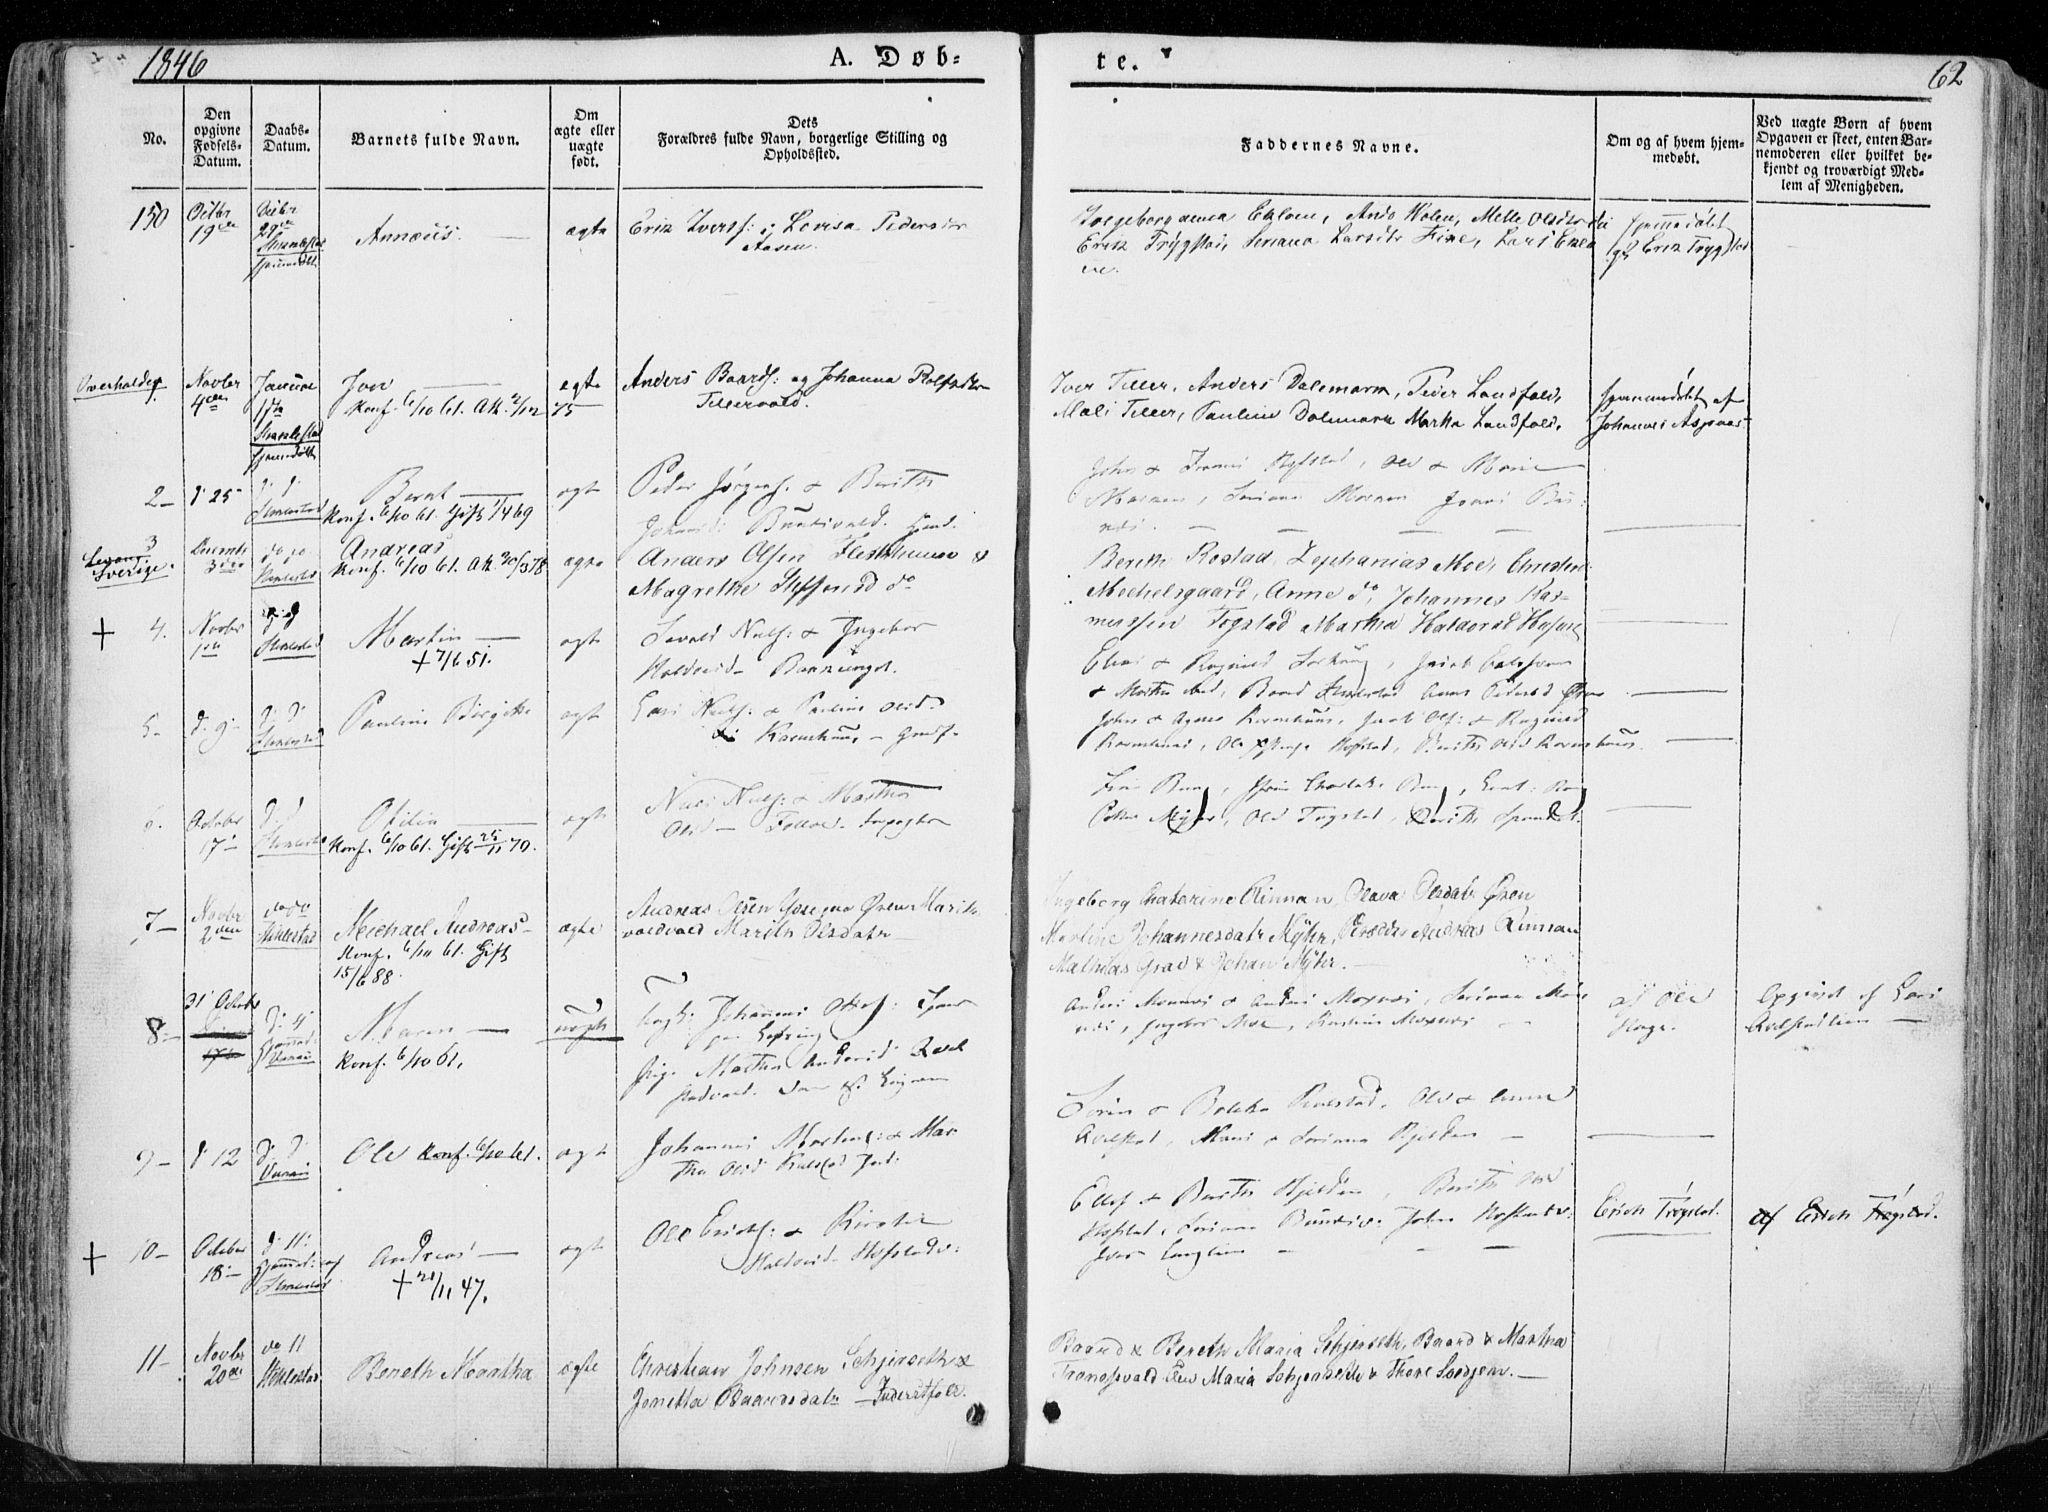 SAT, Ministerialprotokoller, klokkerbøker og fødselsregistre - Nord-Trøndelag, 723/L0239: Ministerialbok nr. 723A08, 1841-1851, s. 62